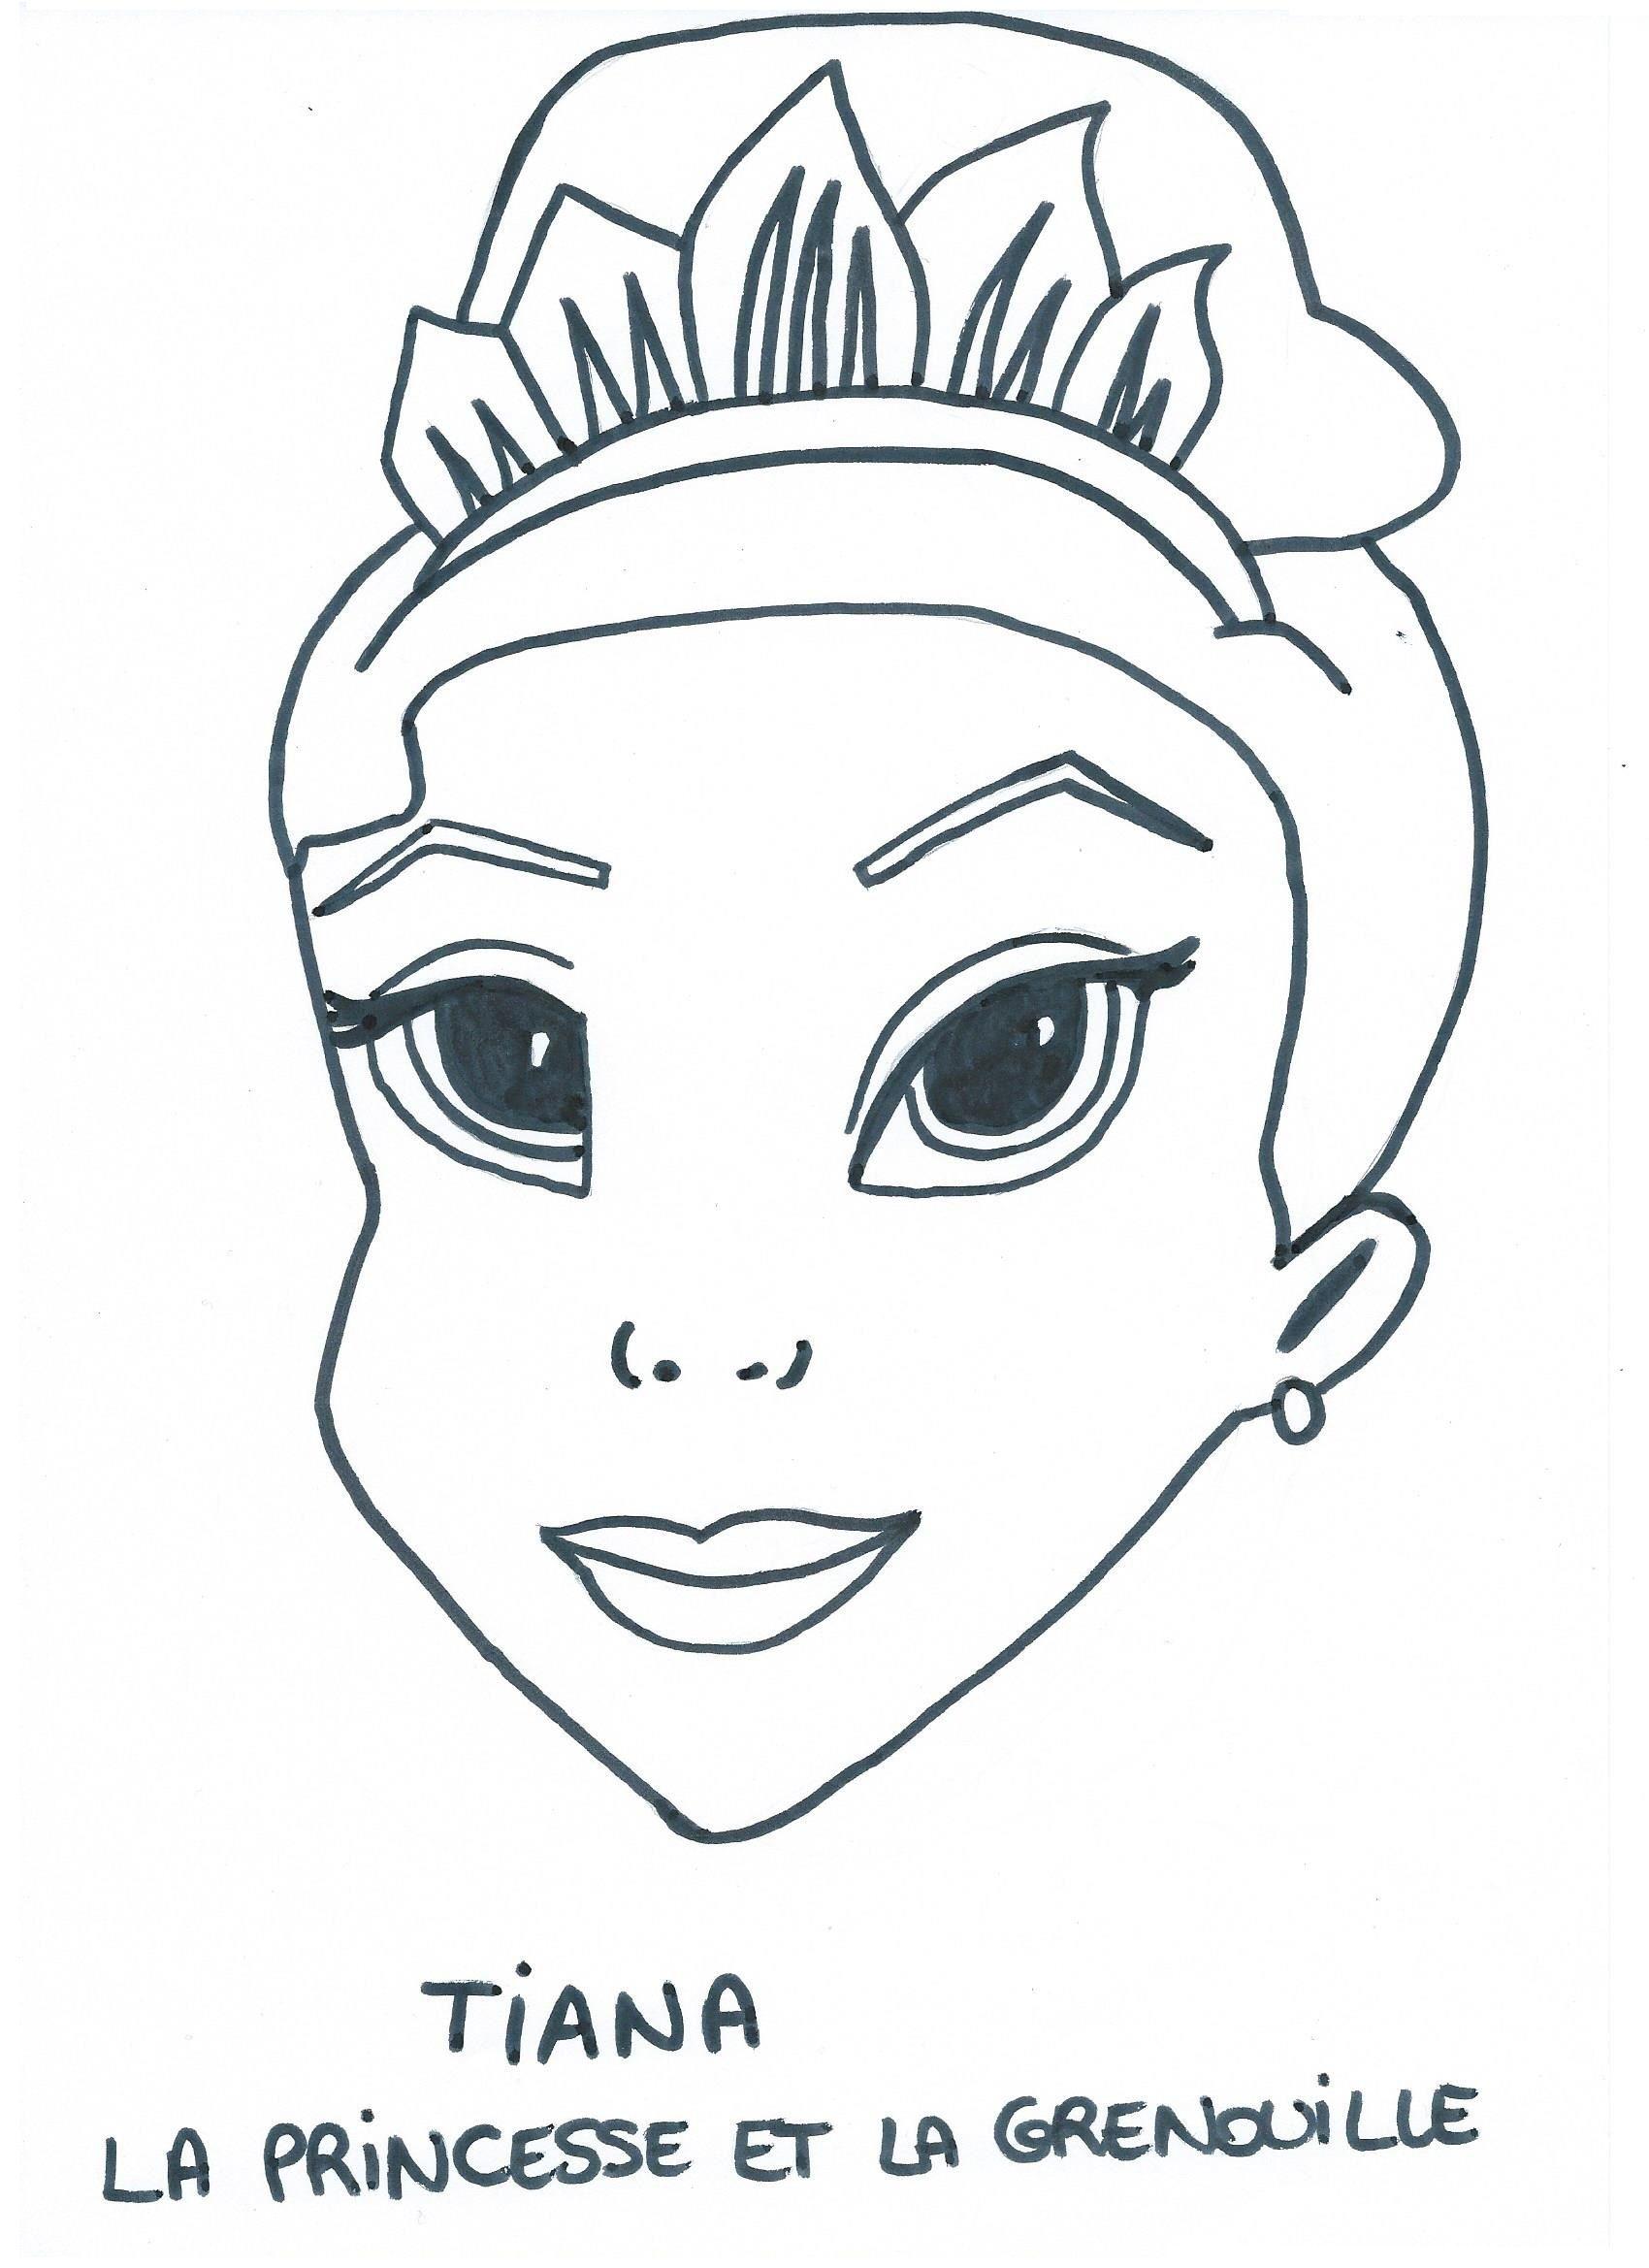 Masque tiana dans la princesse et la grenouille - Coloriage la princesse et la grenouille ...